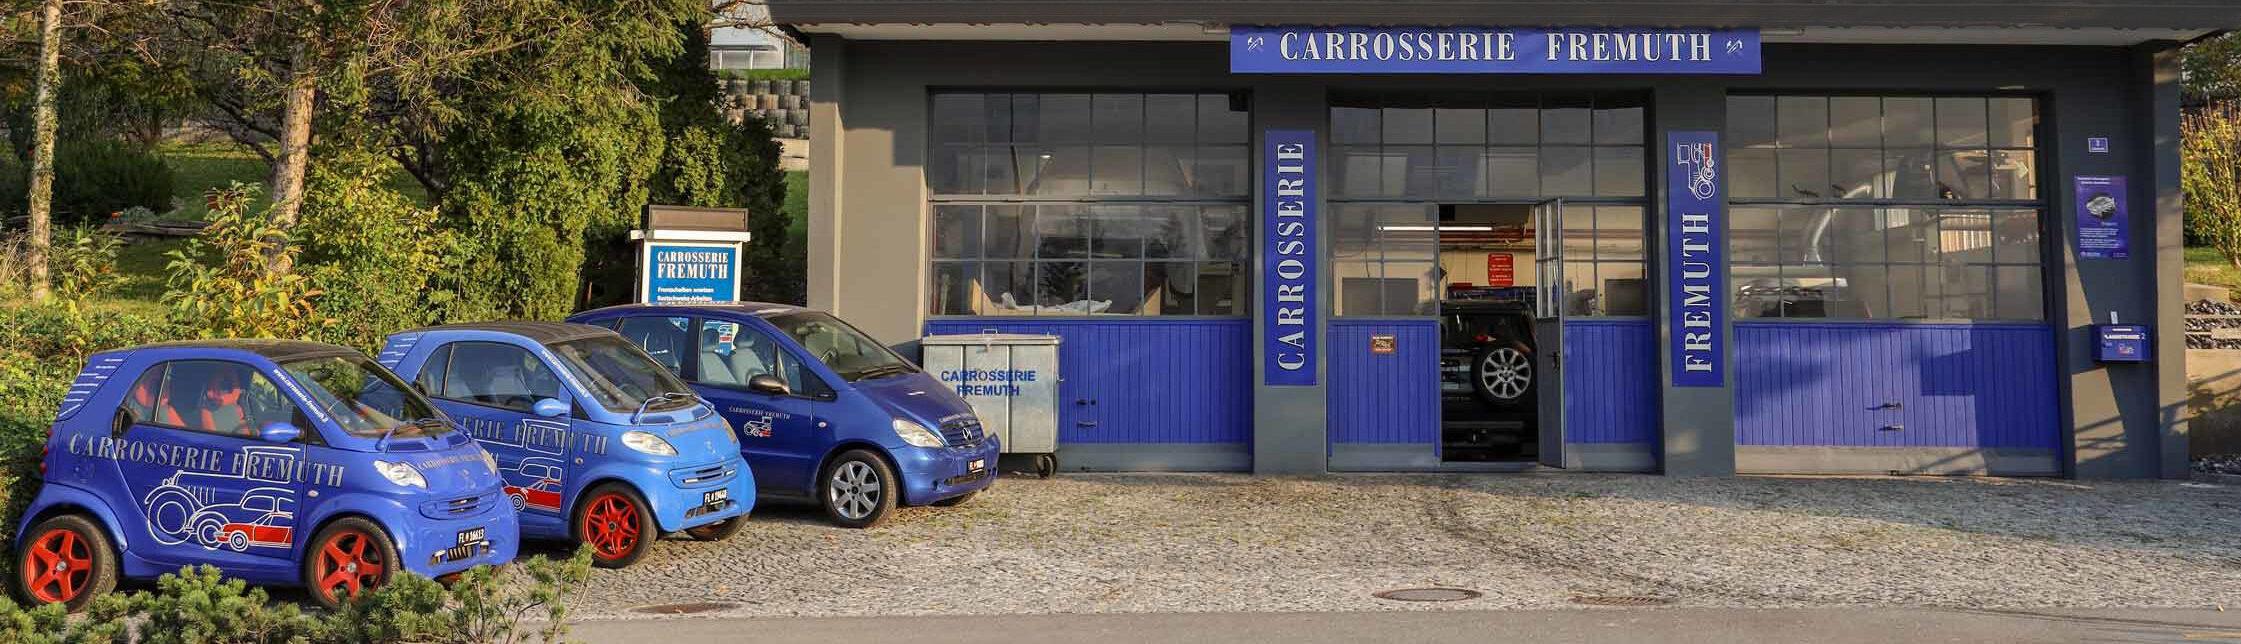 Carrosserie Fremuth | Werkstatt